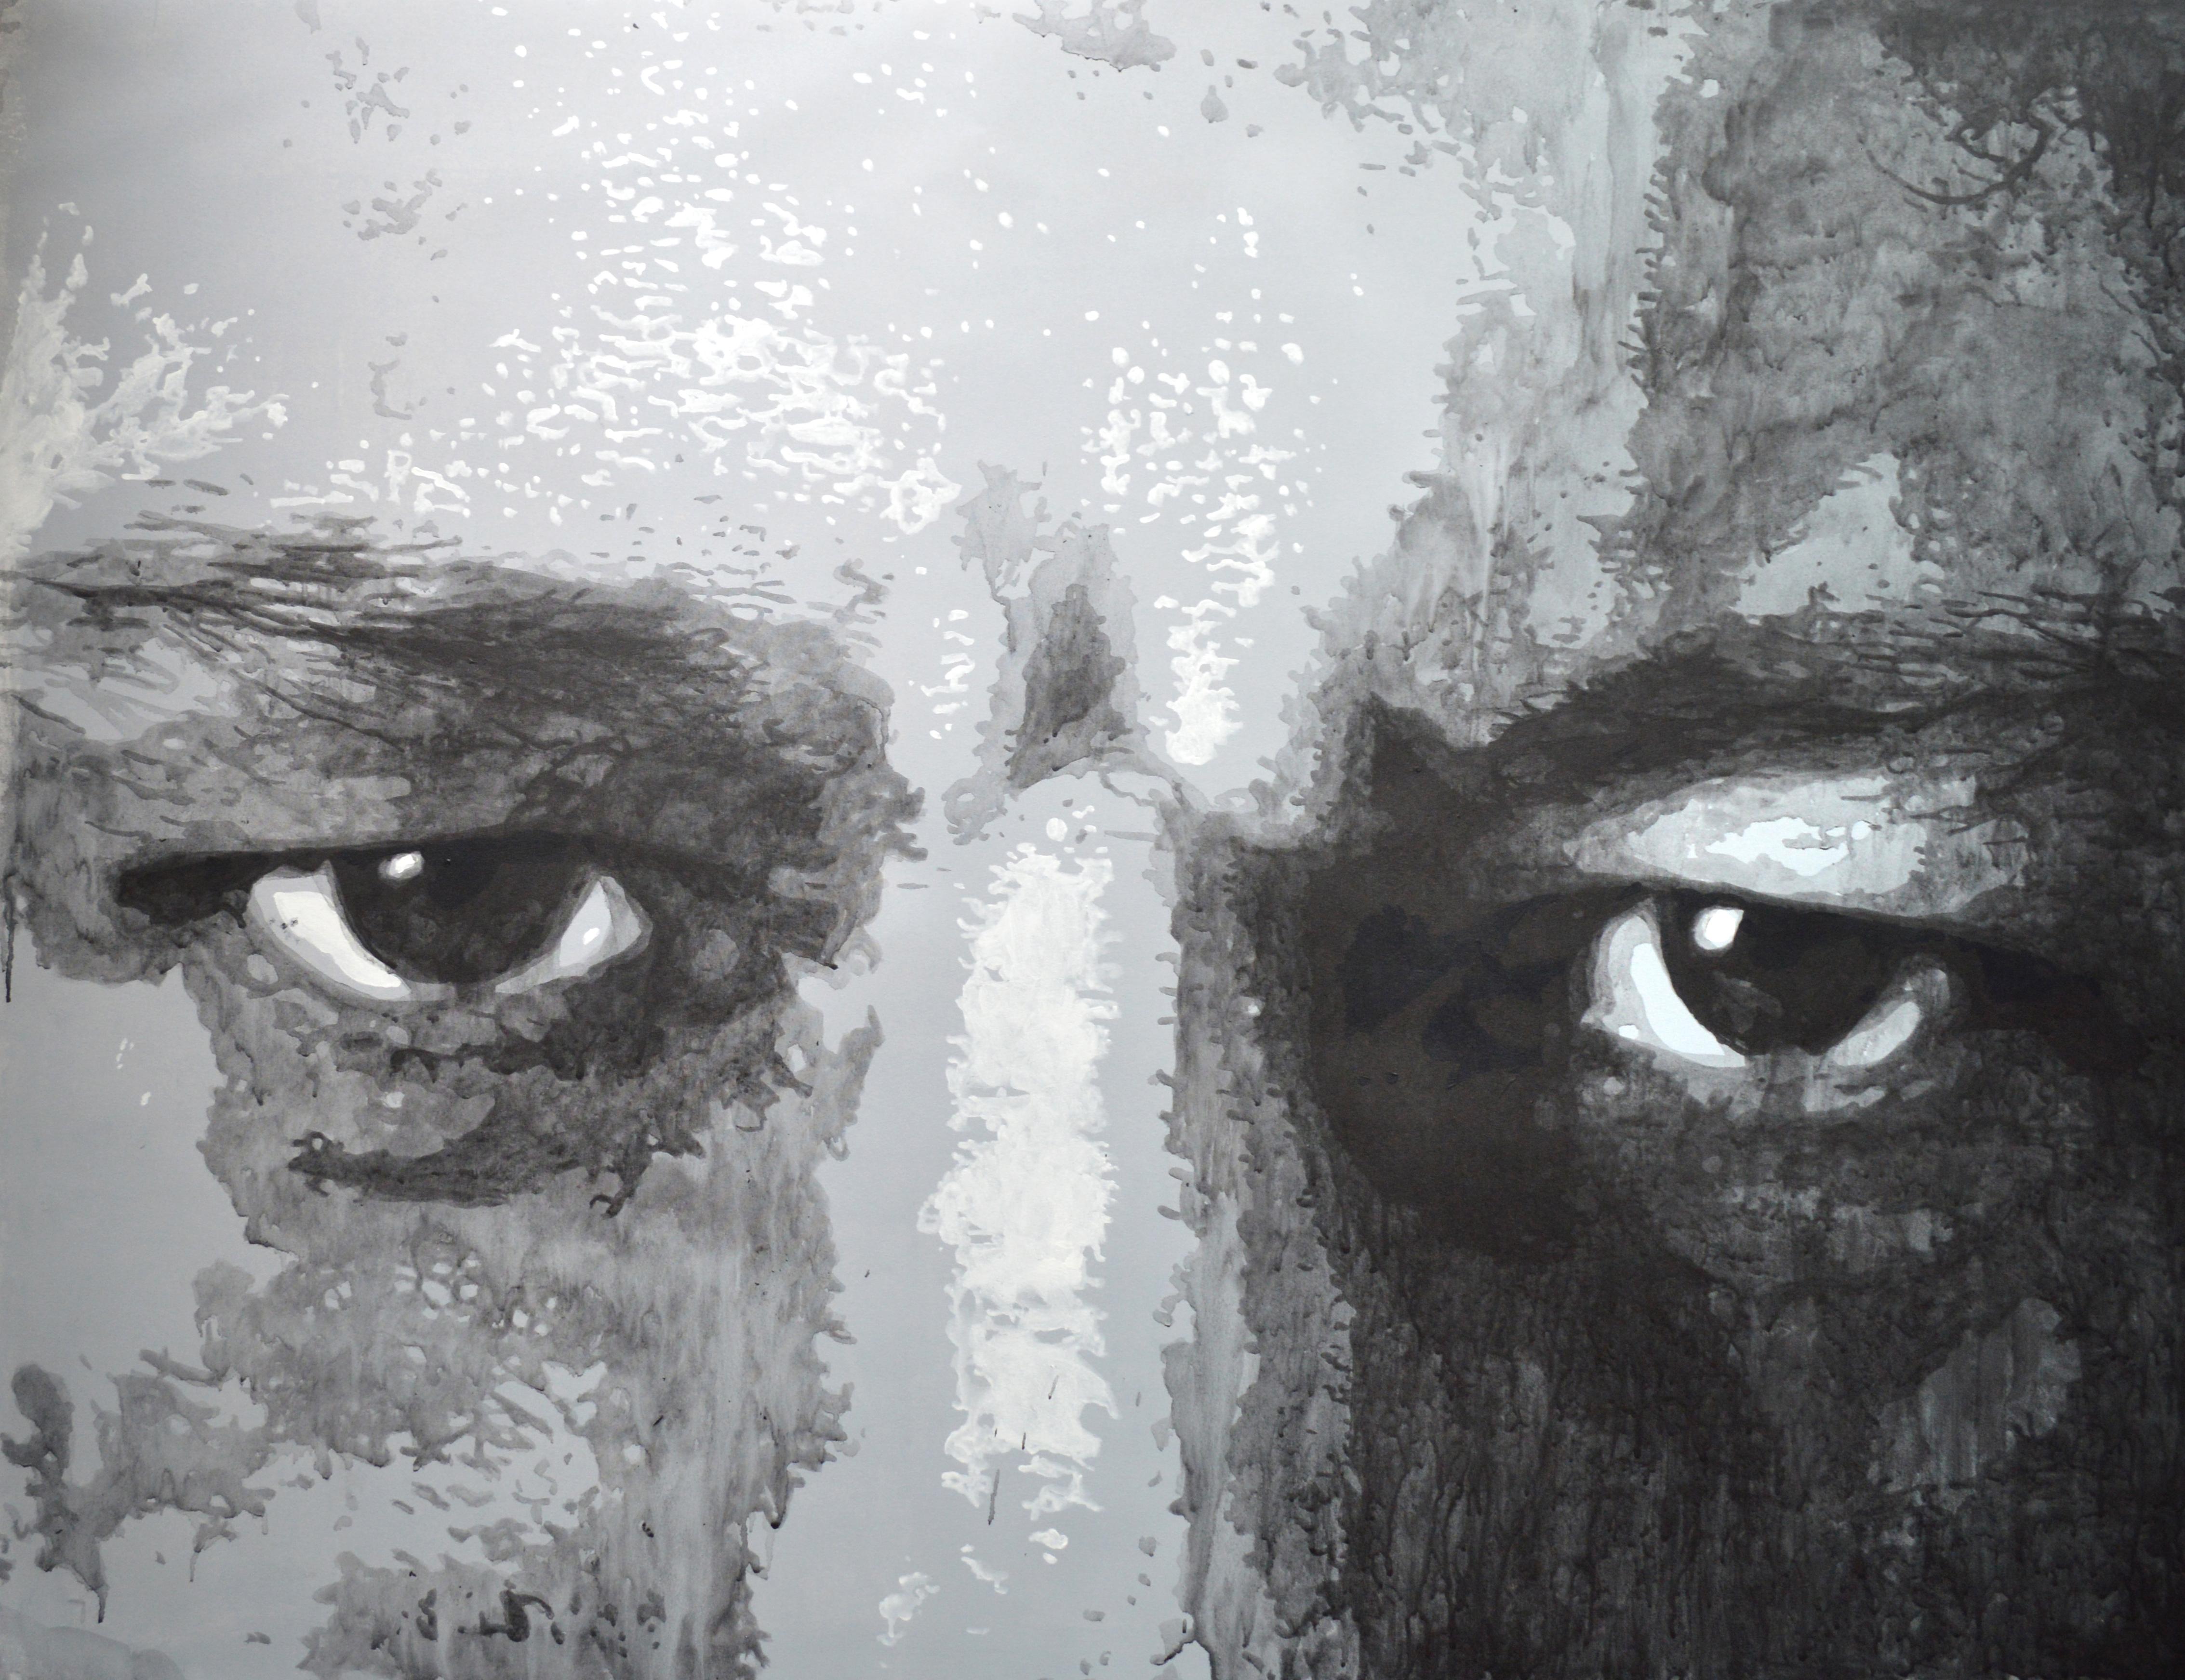 regard 1, 2015, acrylique sur toile, 81 cm x 110 cm.